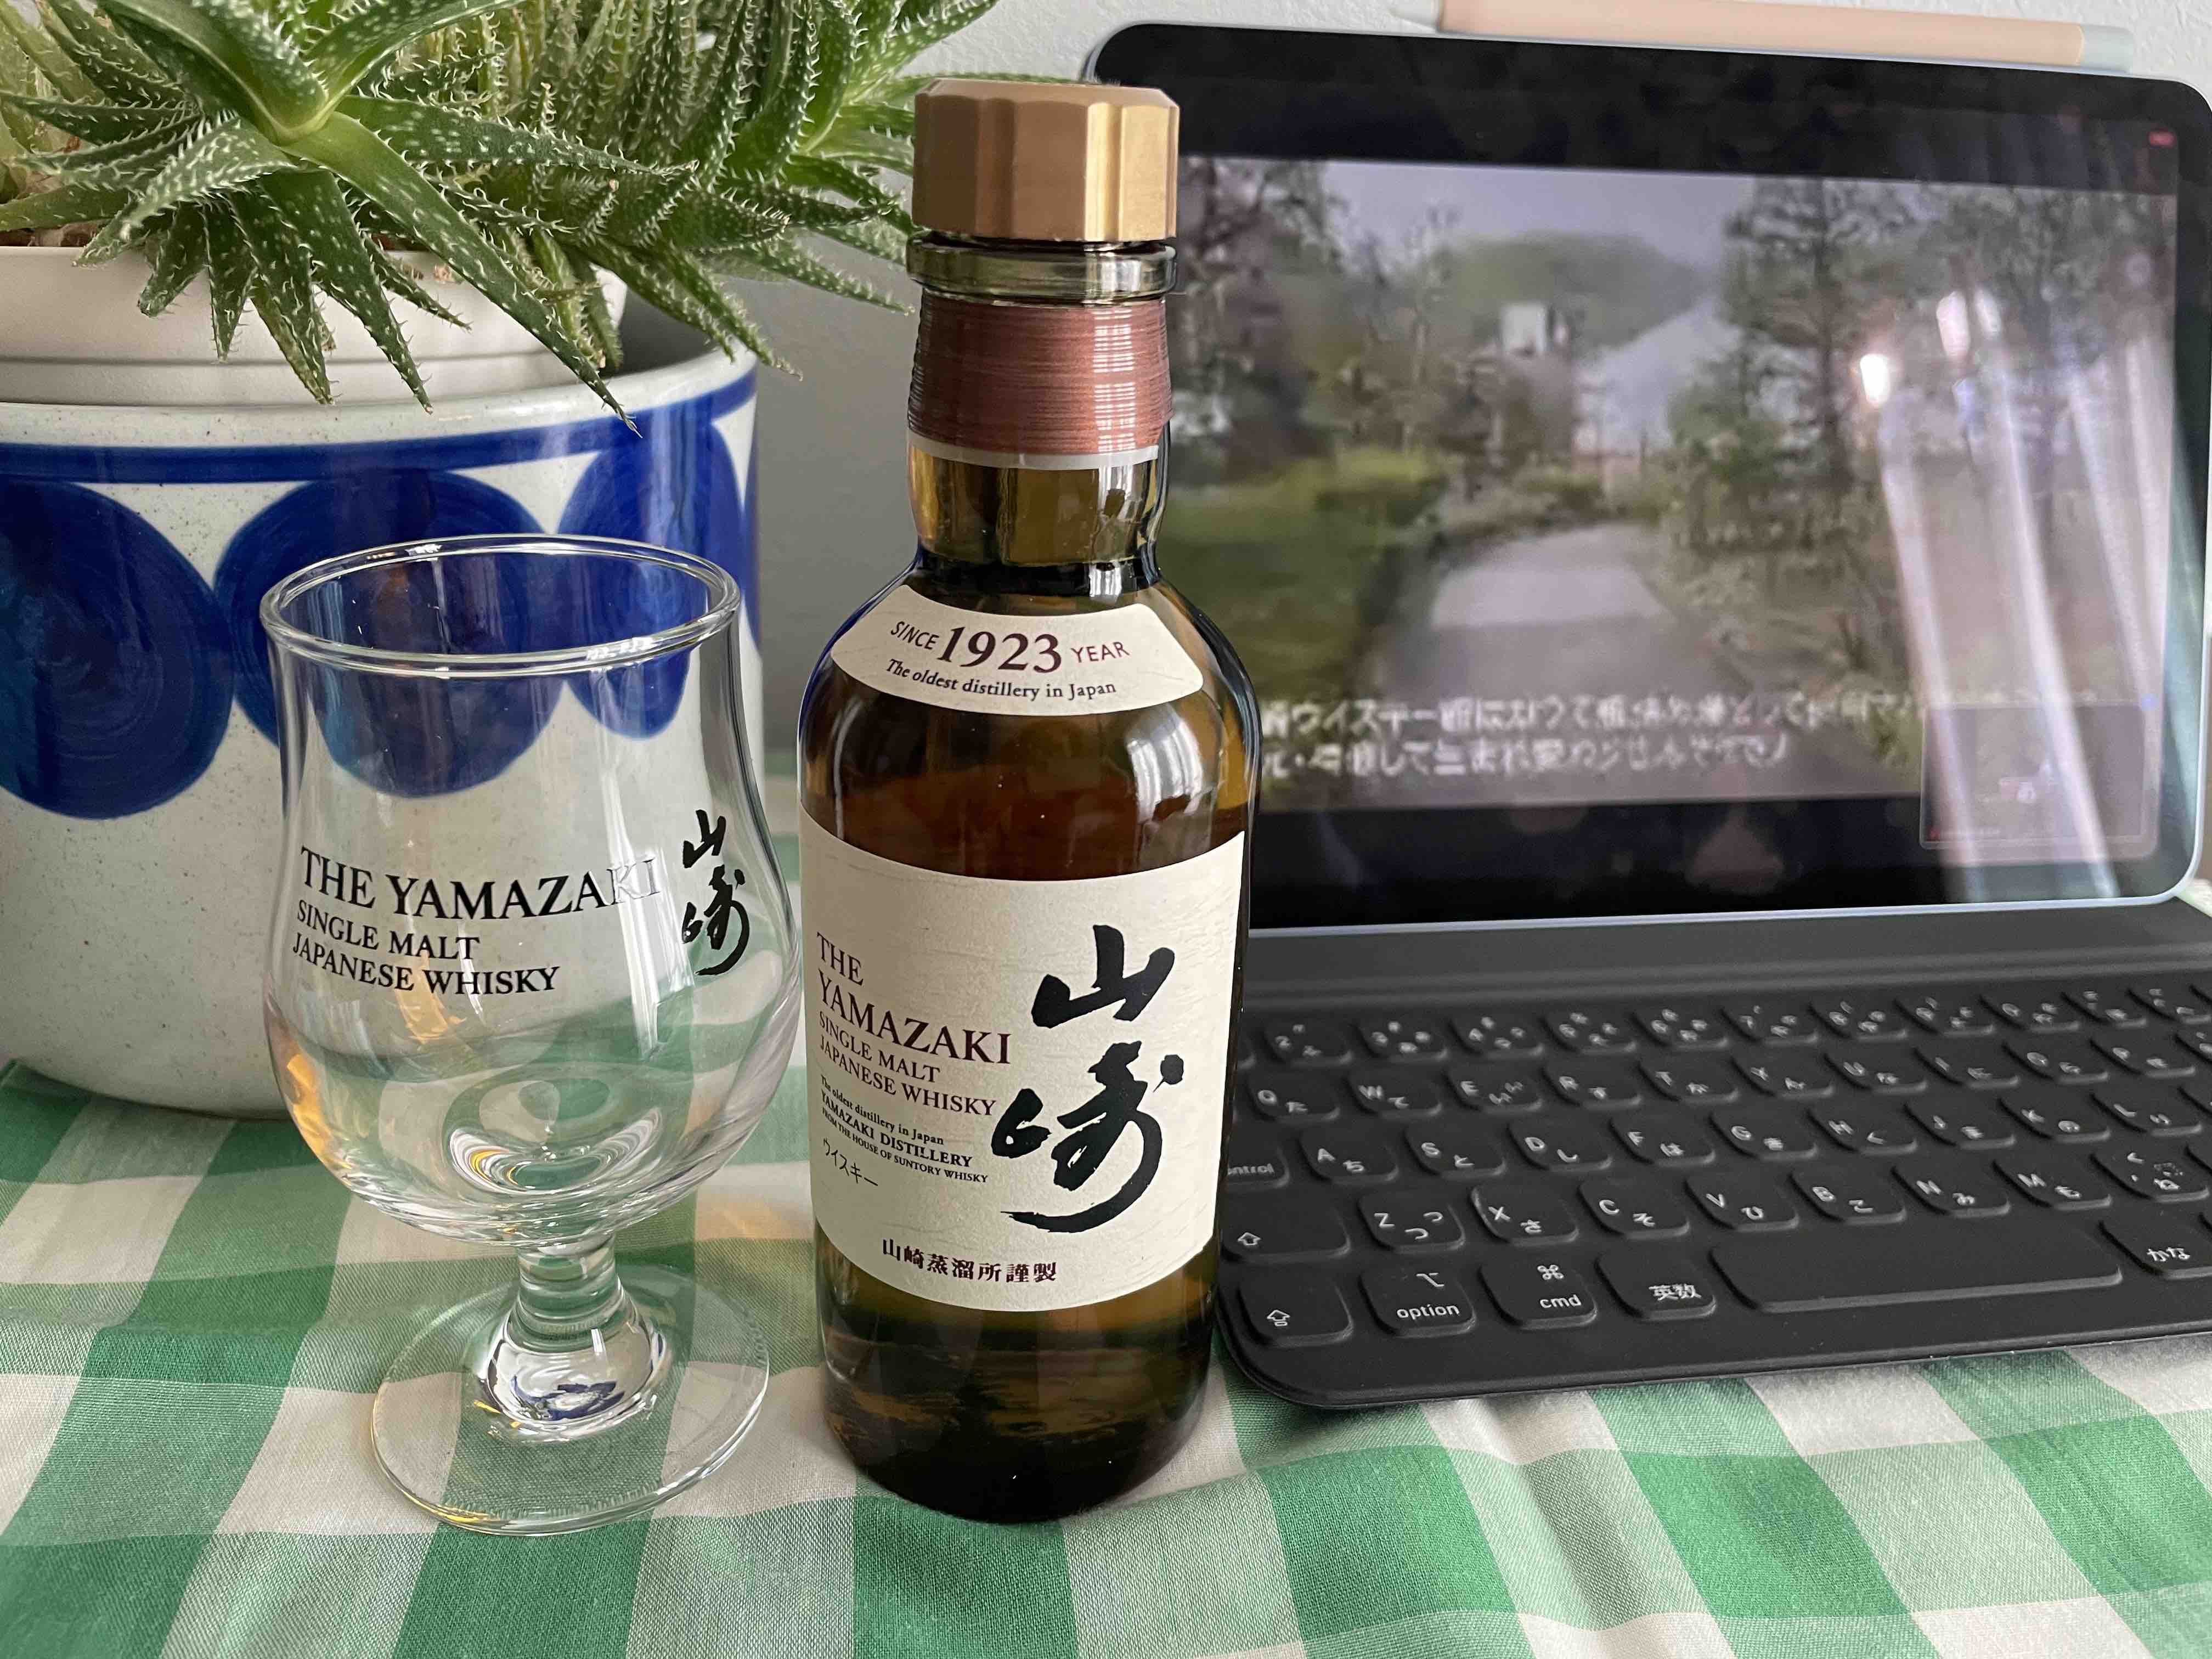 シングルモルトウイスキー山崎180mlとテイスティング用オリジナルグラス